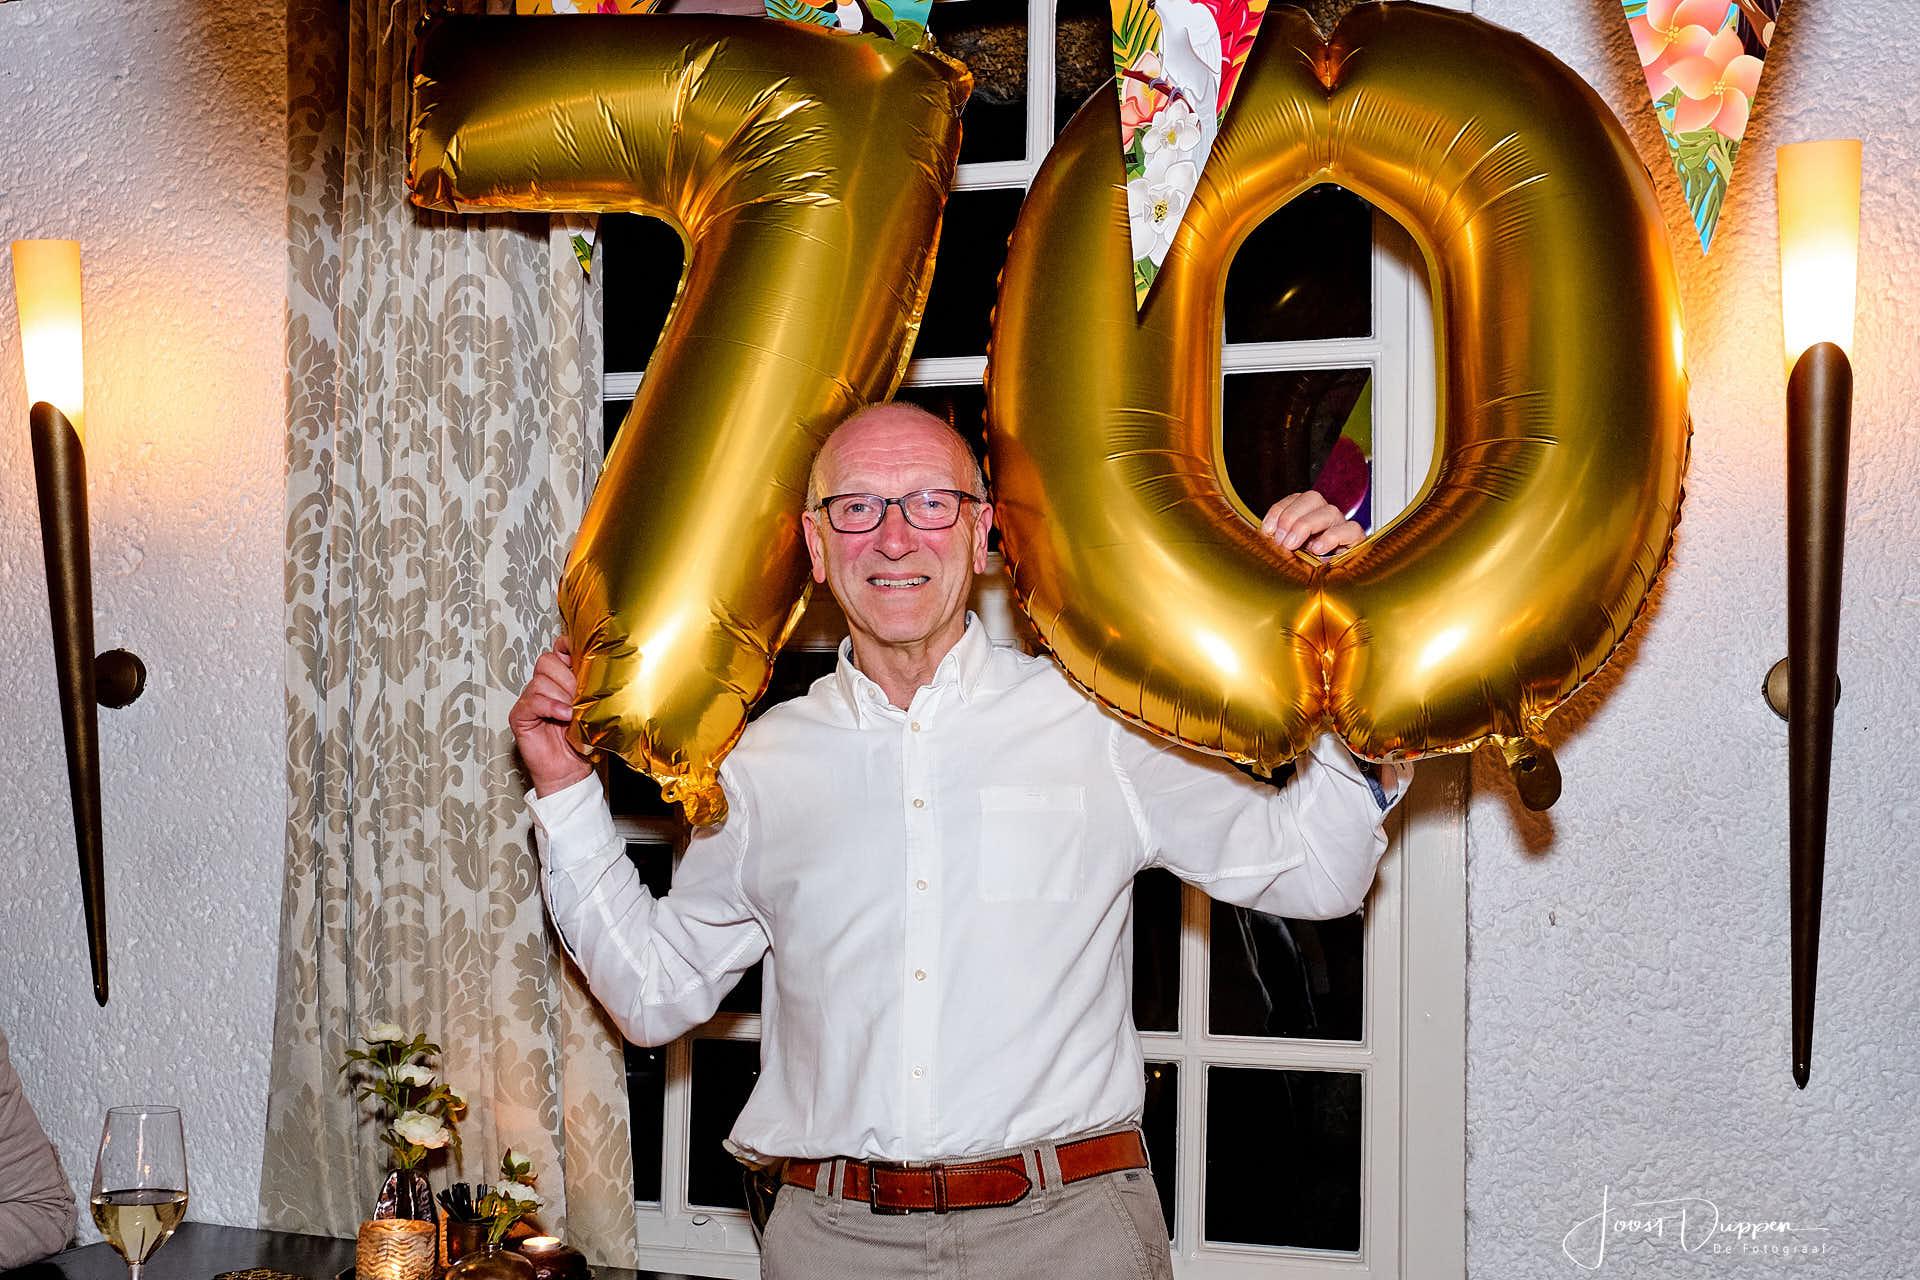 Beroepsfotografie Joost Duppen A Day In A Life Fotoreportage Feest